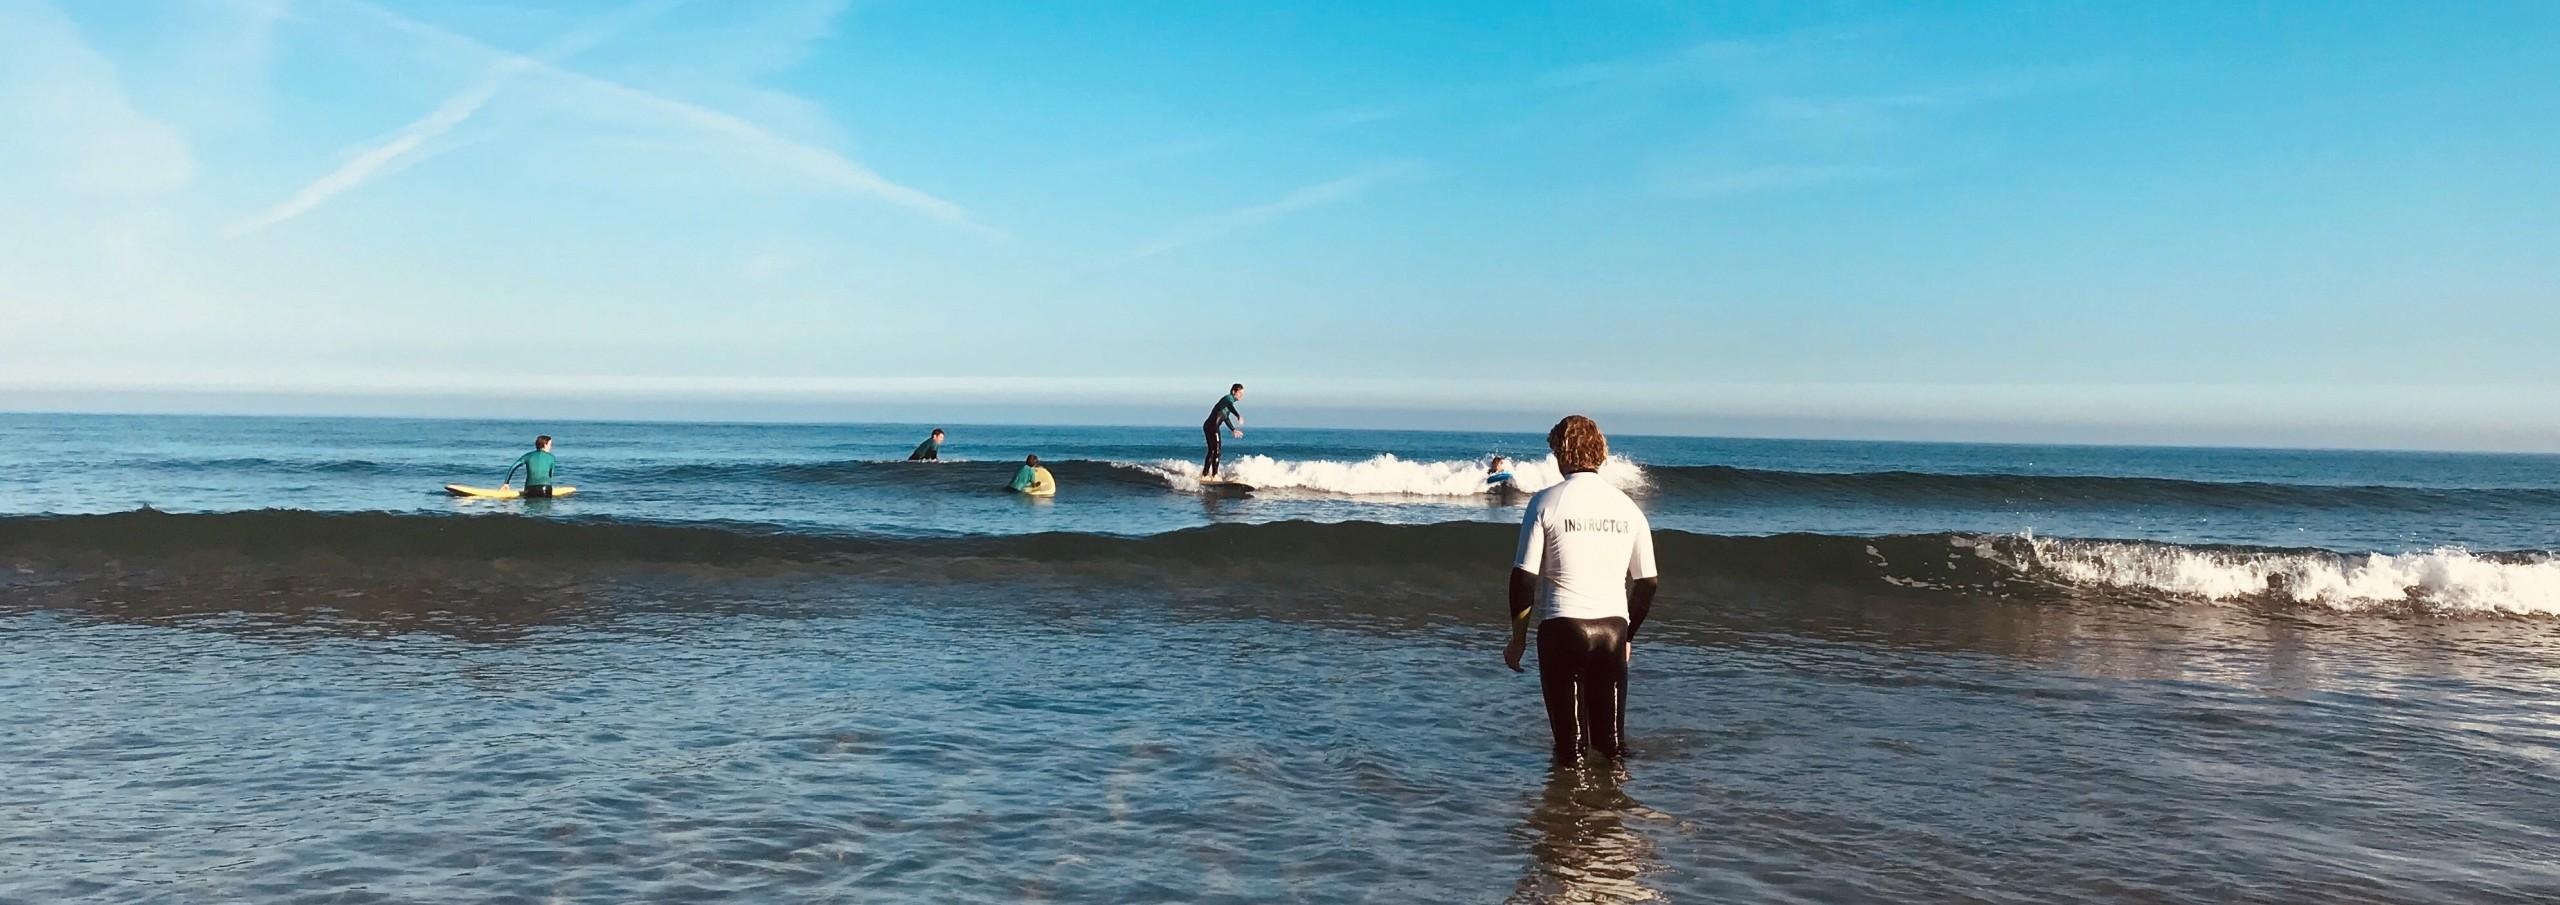 Surf lesson at dawn